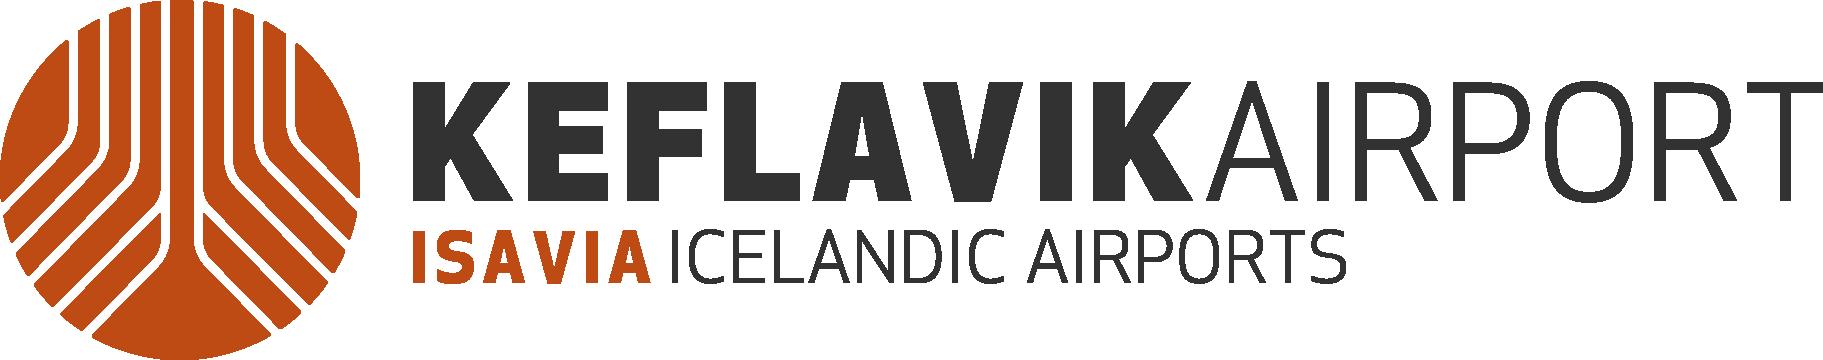 ISAVIA PRESENTS A NEW UNIFIED BRAND LOGO | Isavia